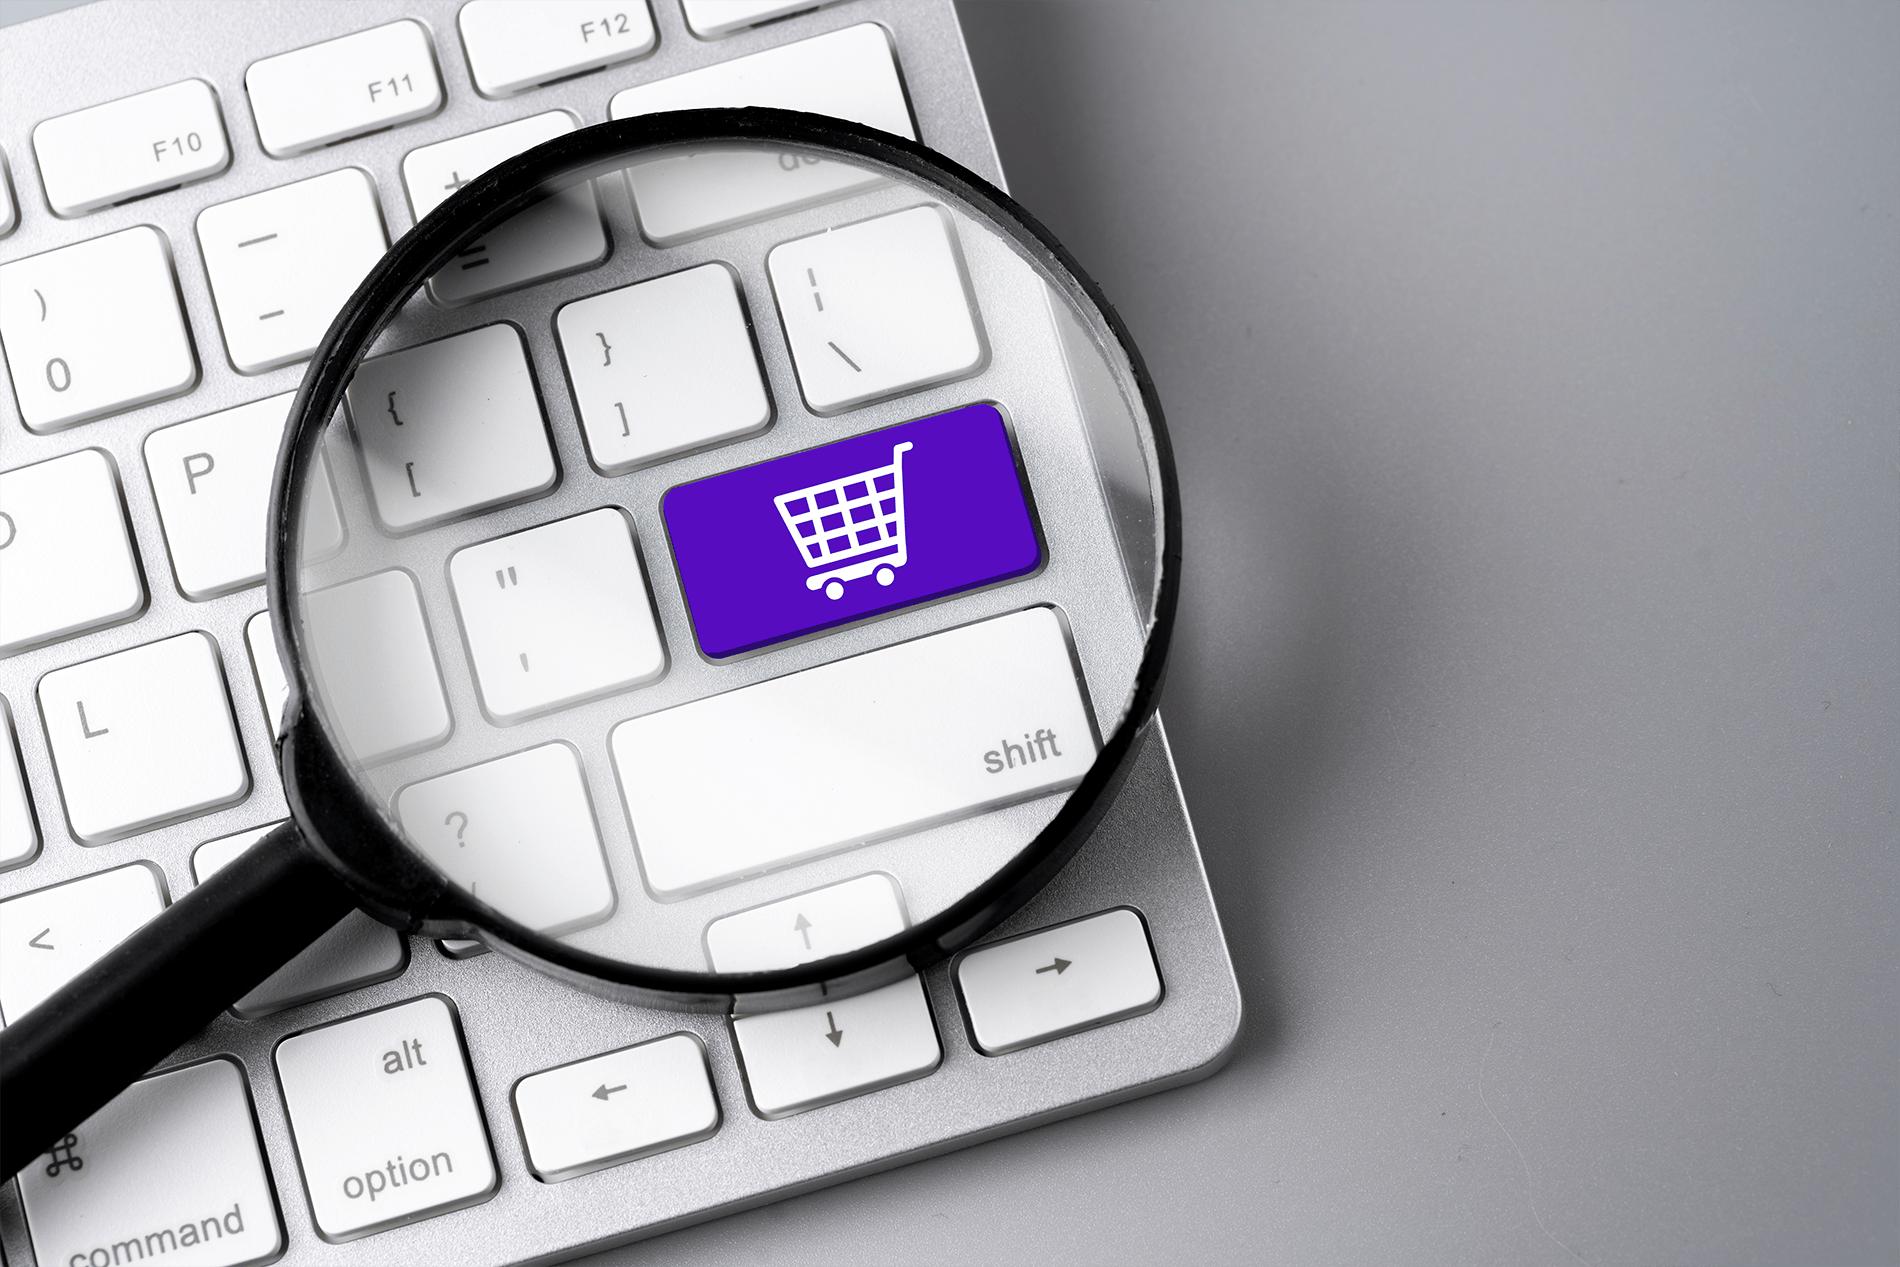 teclado de ordenador con botón de shopping